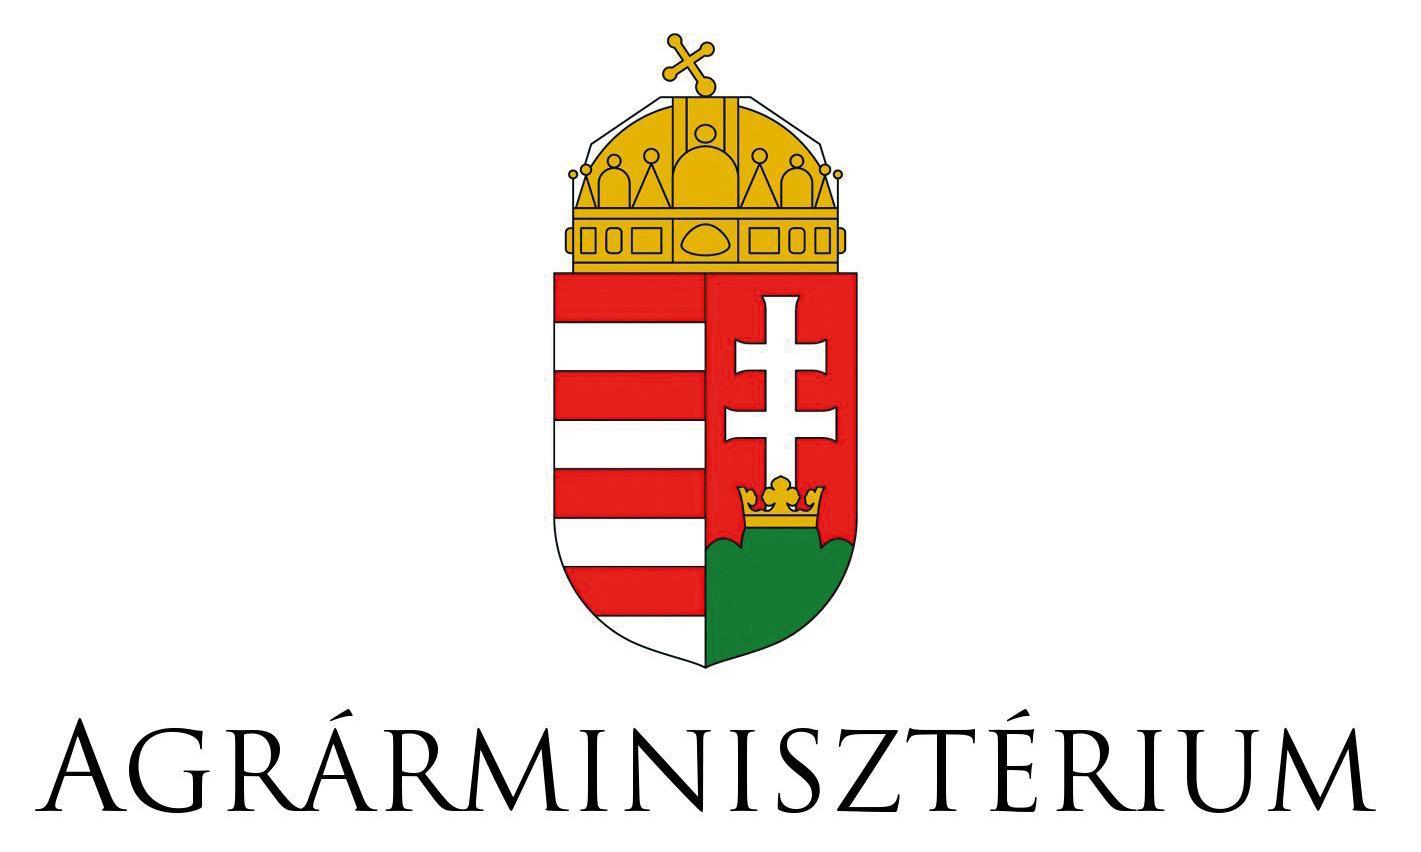 Nemzeti_Fejlesztesi_miniszterium-1c